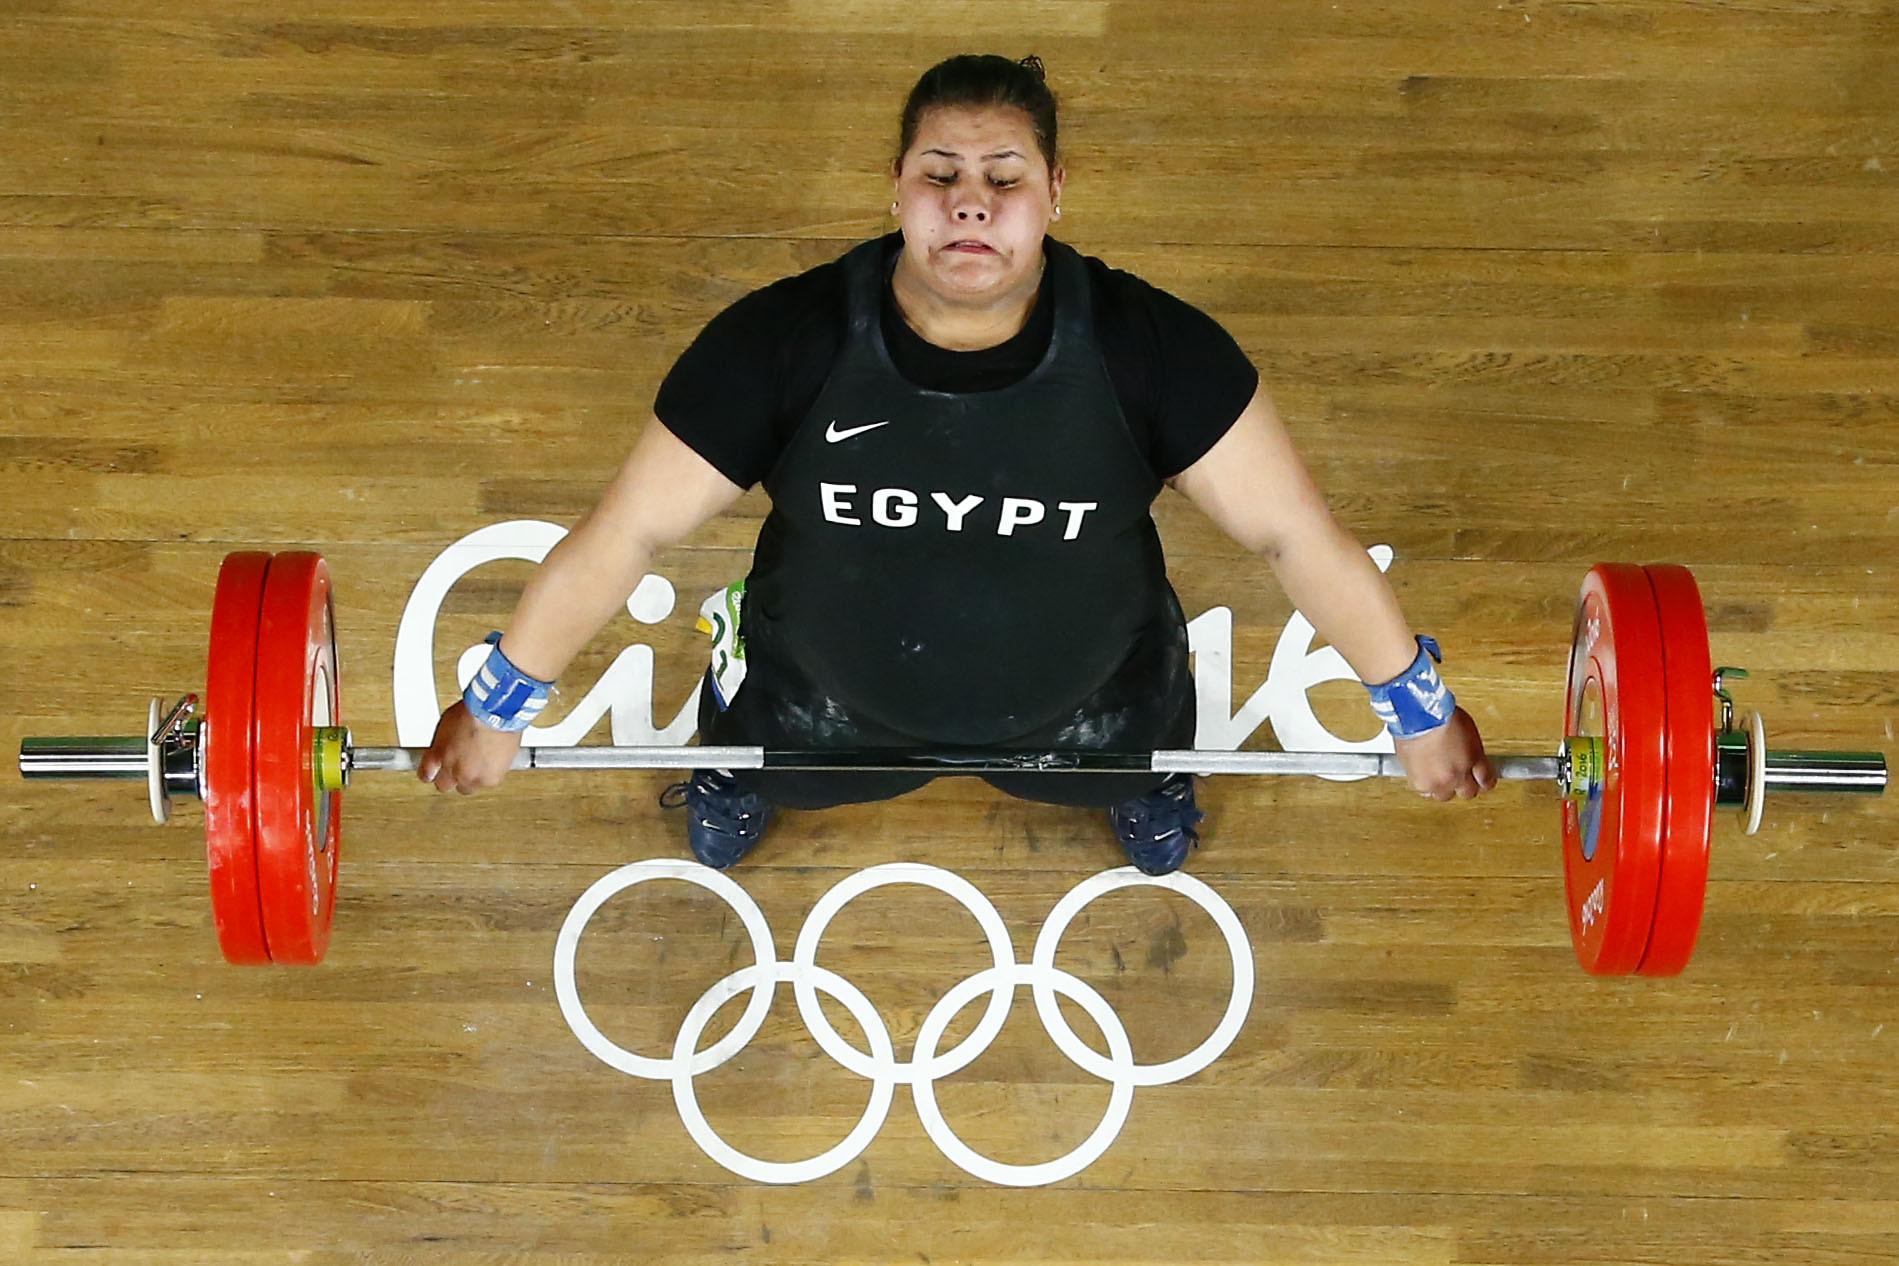 Egiptul se numără printre țările care vor pierde Tokyo 2020 din cauza mai multor infracțiuni de dopaj © Getty Images